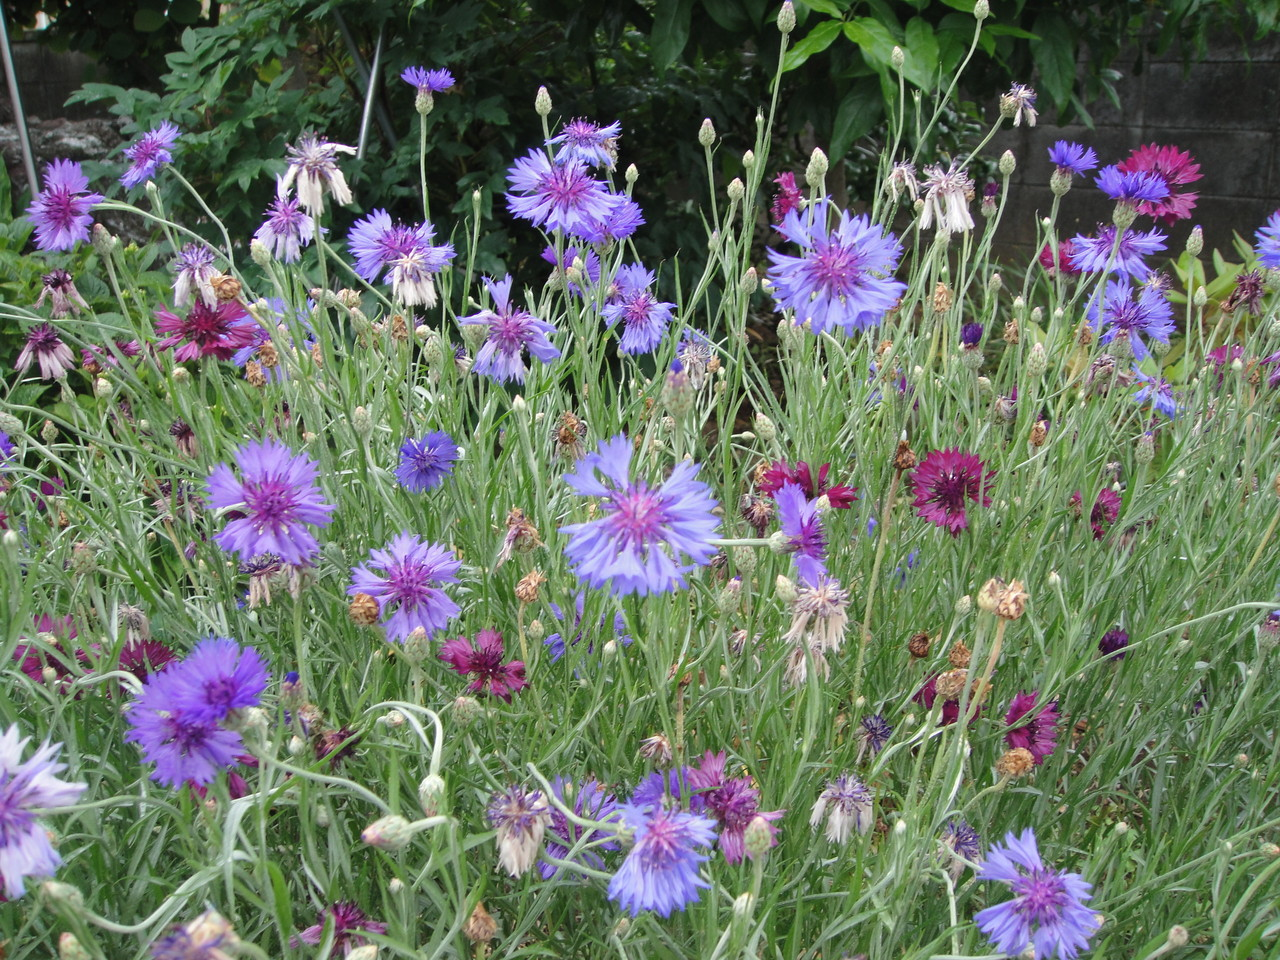 子供のころから庭先にいっぱい咲いてる花。何処となく懐かしい矢車草